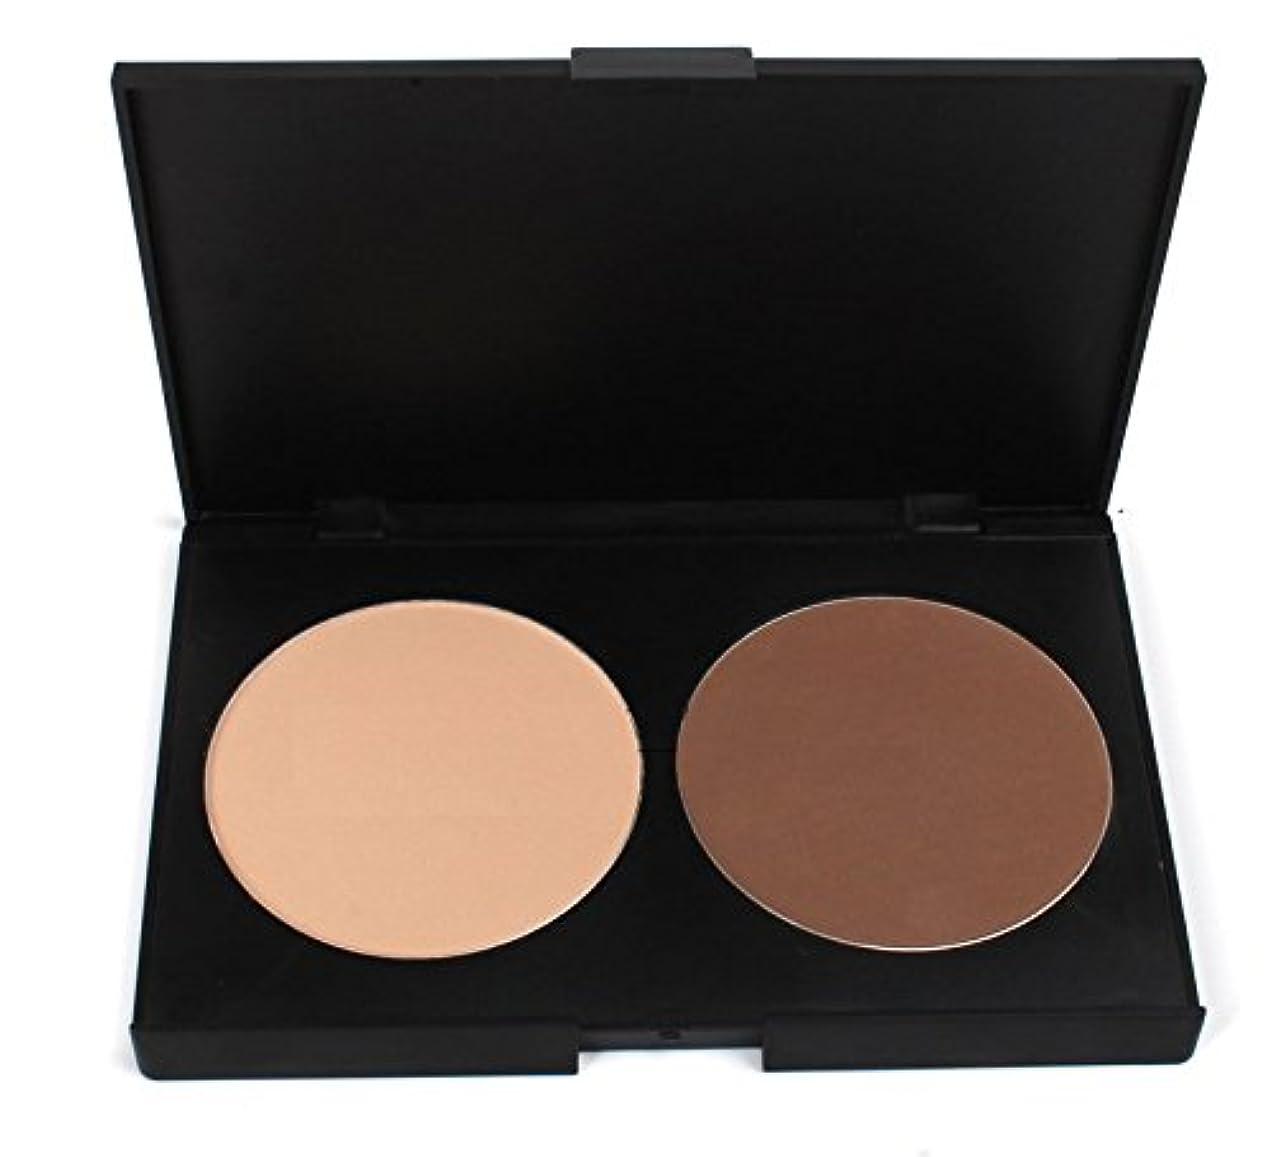 浸透する乳白たまに(メイクアップエーシーシー) MakeupAcc プロ仕様2色コンシーラーパレット パウダーファンデーション ステレオの化粧 ヌードメイク必要 チークメイク (肌色) [並行輸入品]